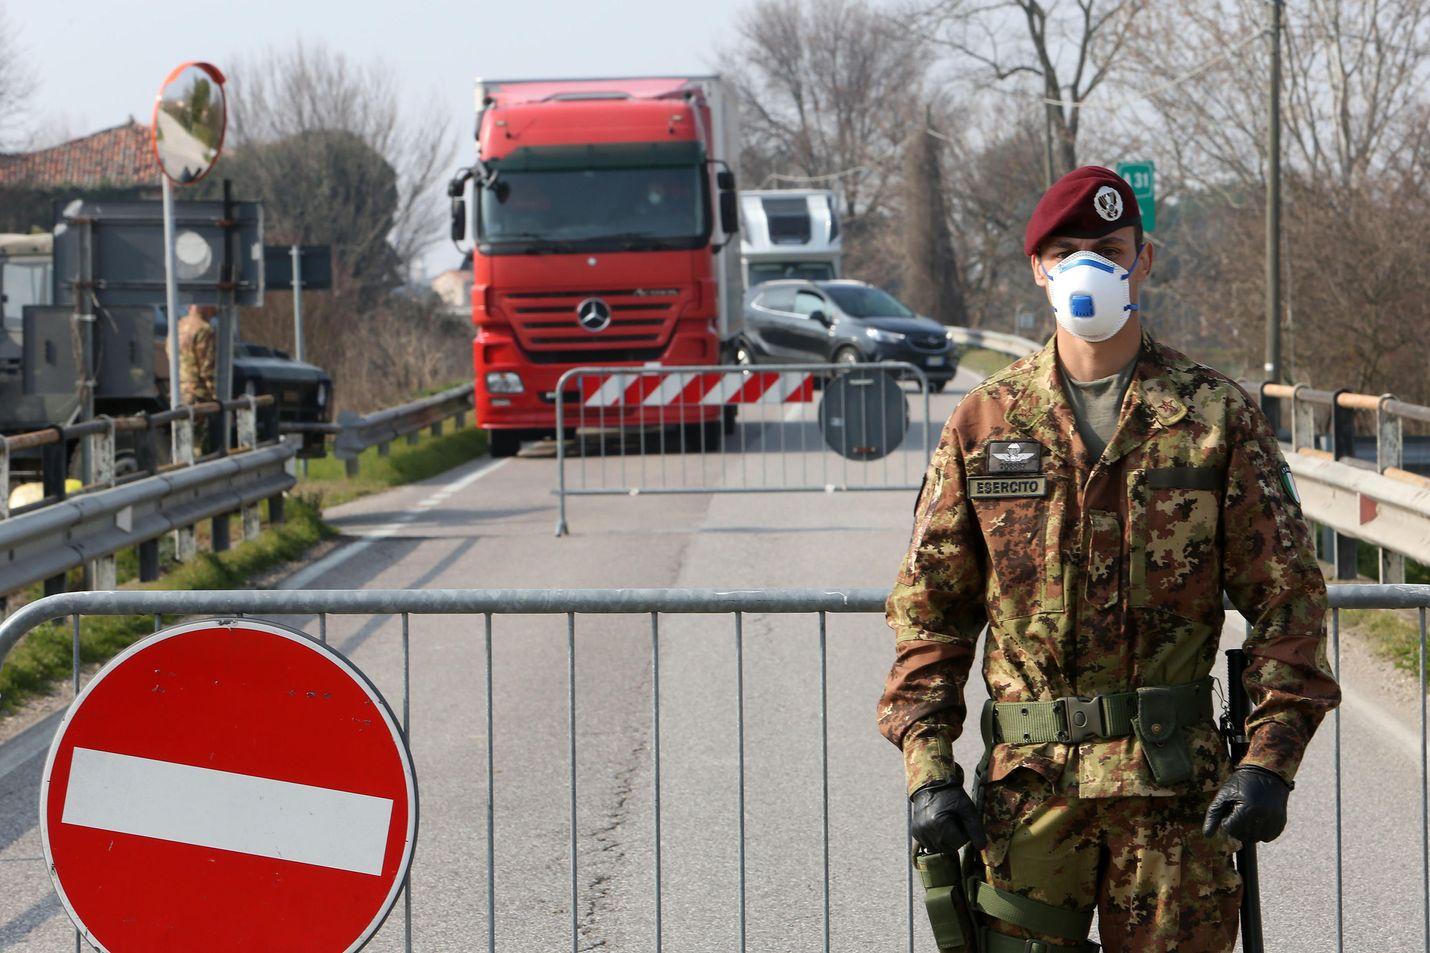 Tämä voi olla pian tuttu näky myös Uudenmaan rajoilla. Sotilas valvoo koronan vuoksi eristetyn alueen liikennettä Padovan lähellä Pohjois-Italiassa.